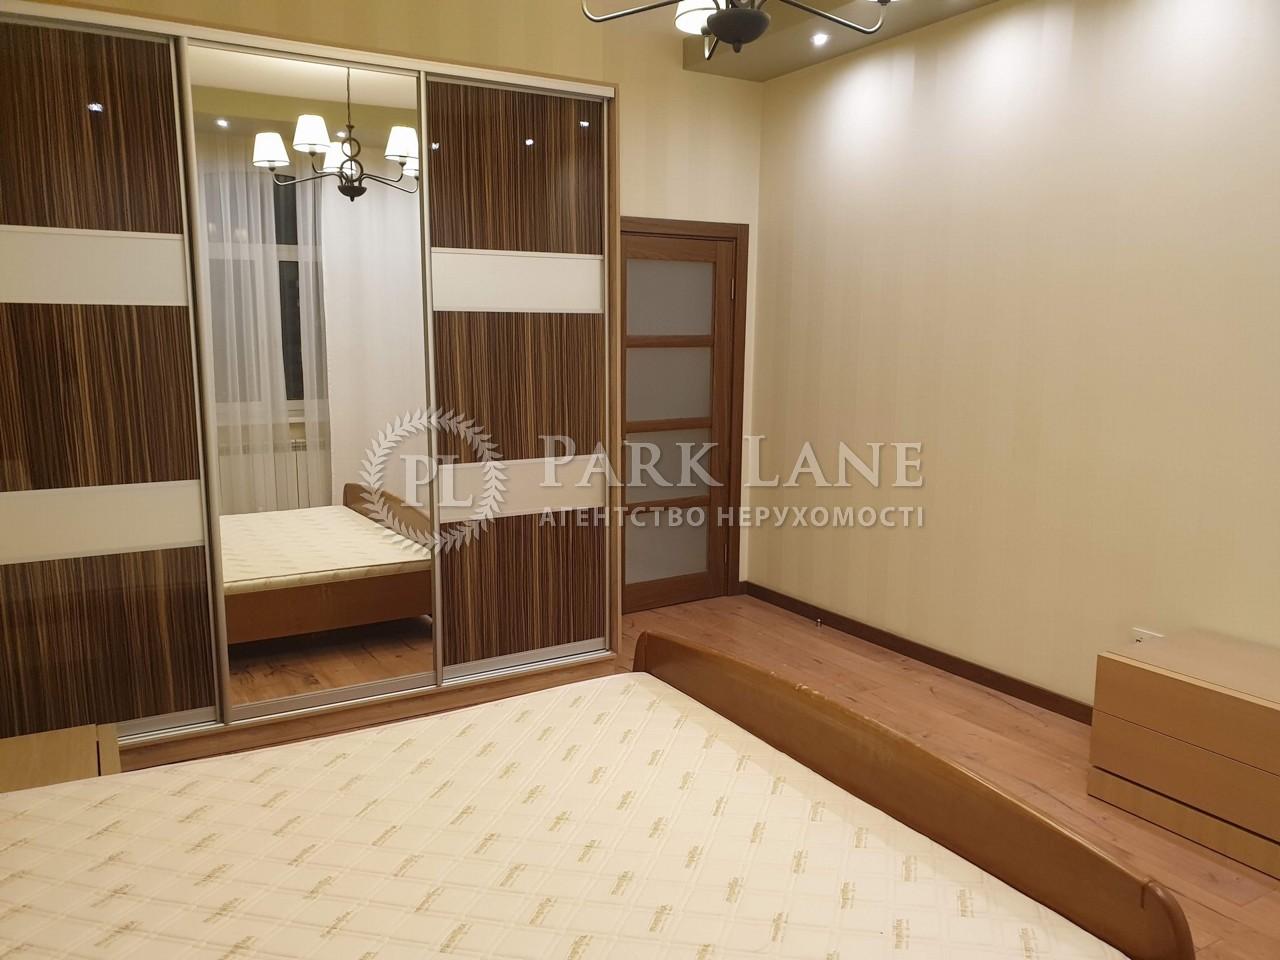 Квартира ул. Полтавская, 13, Киев, Z-1709249 - Фото 5